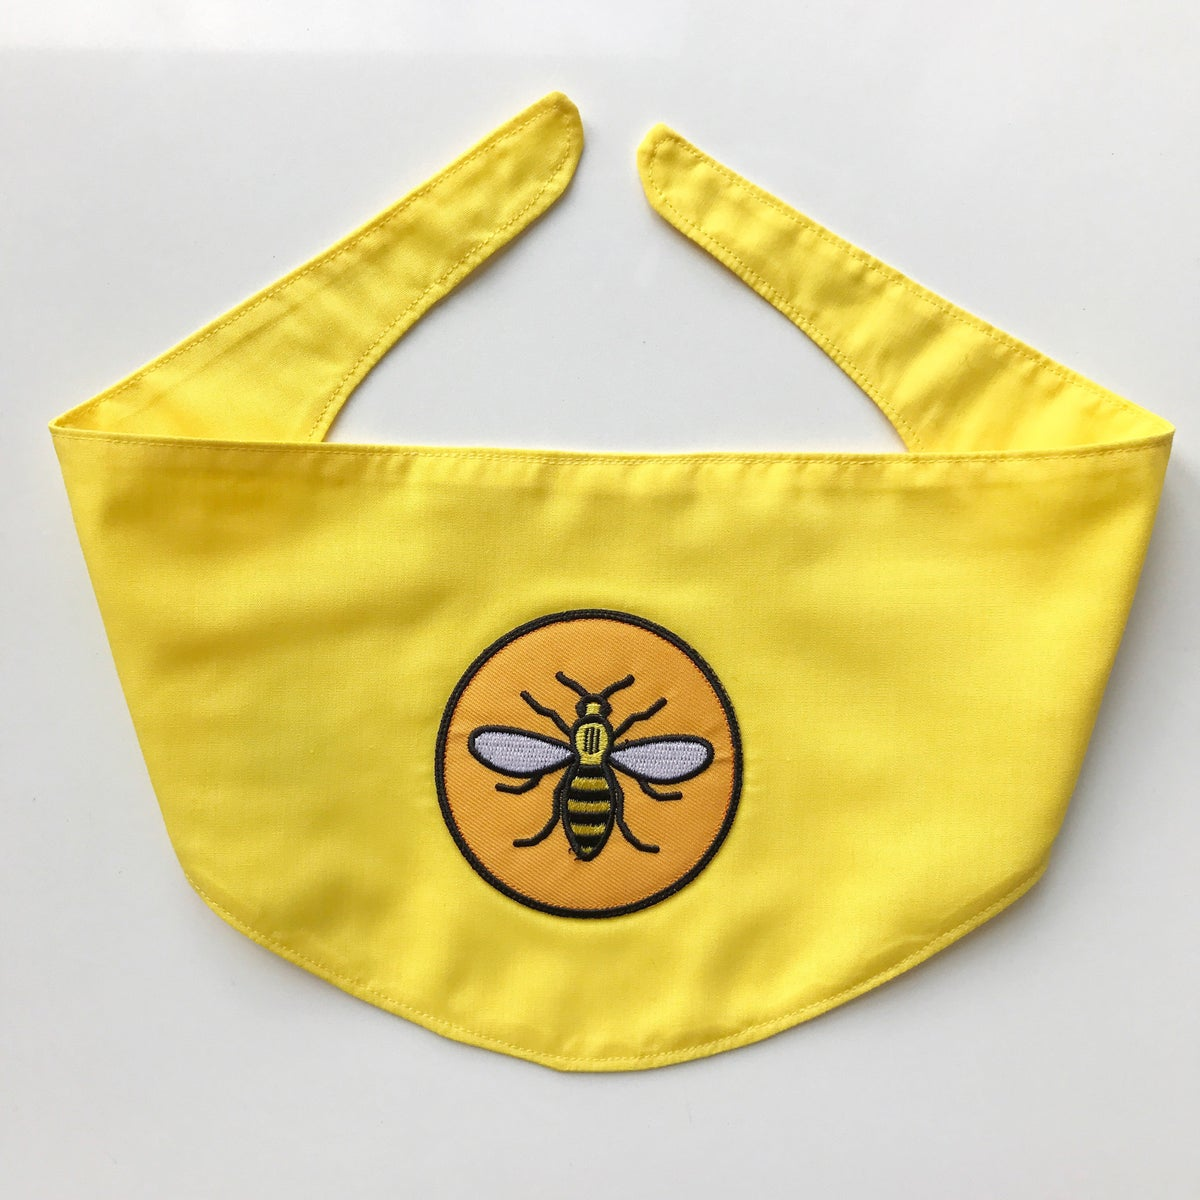 Image of Manchester Bee Dog Bandana by Misheleneous